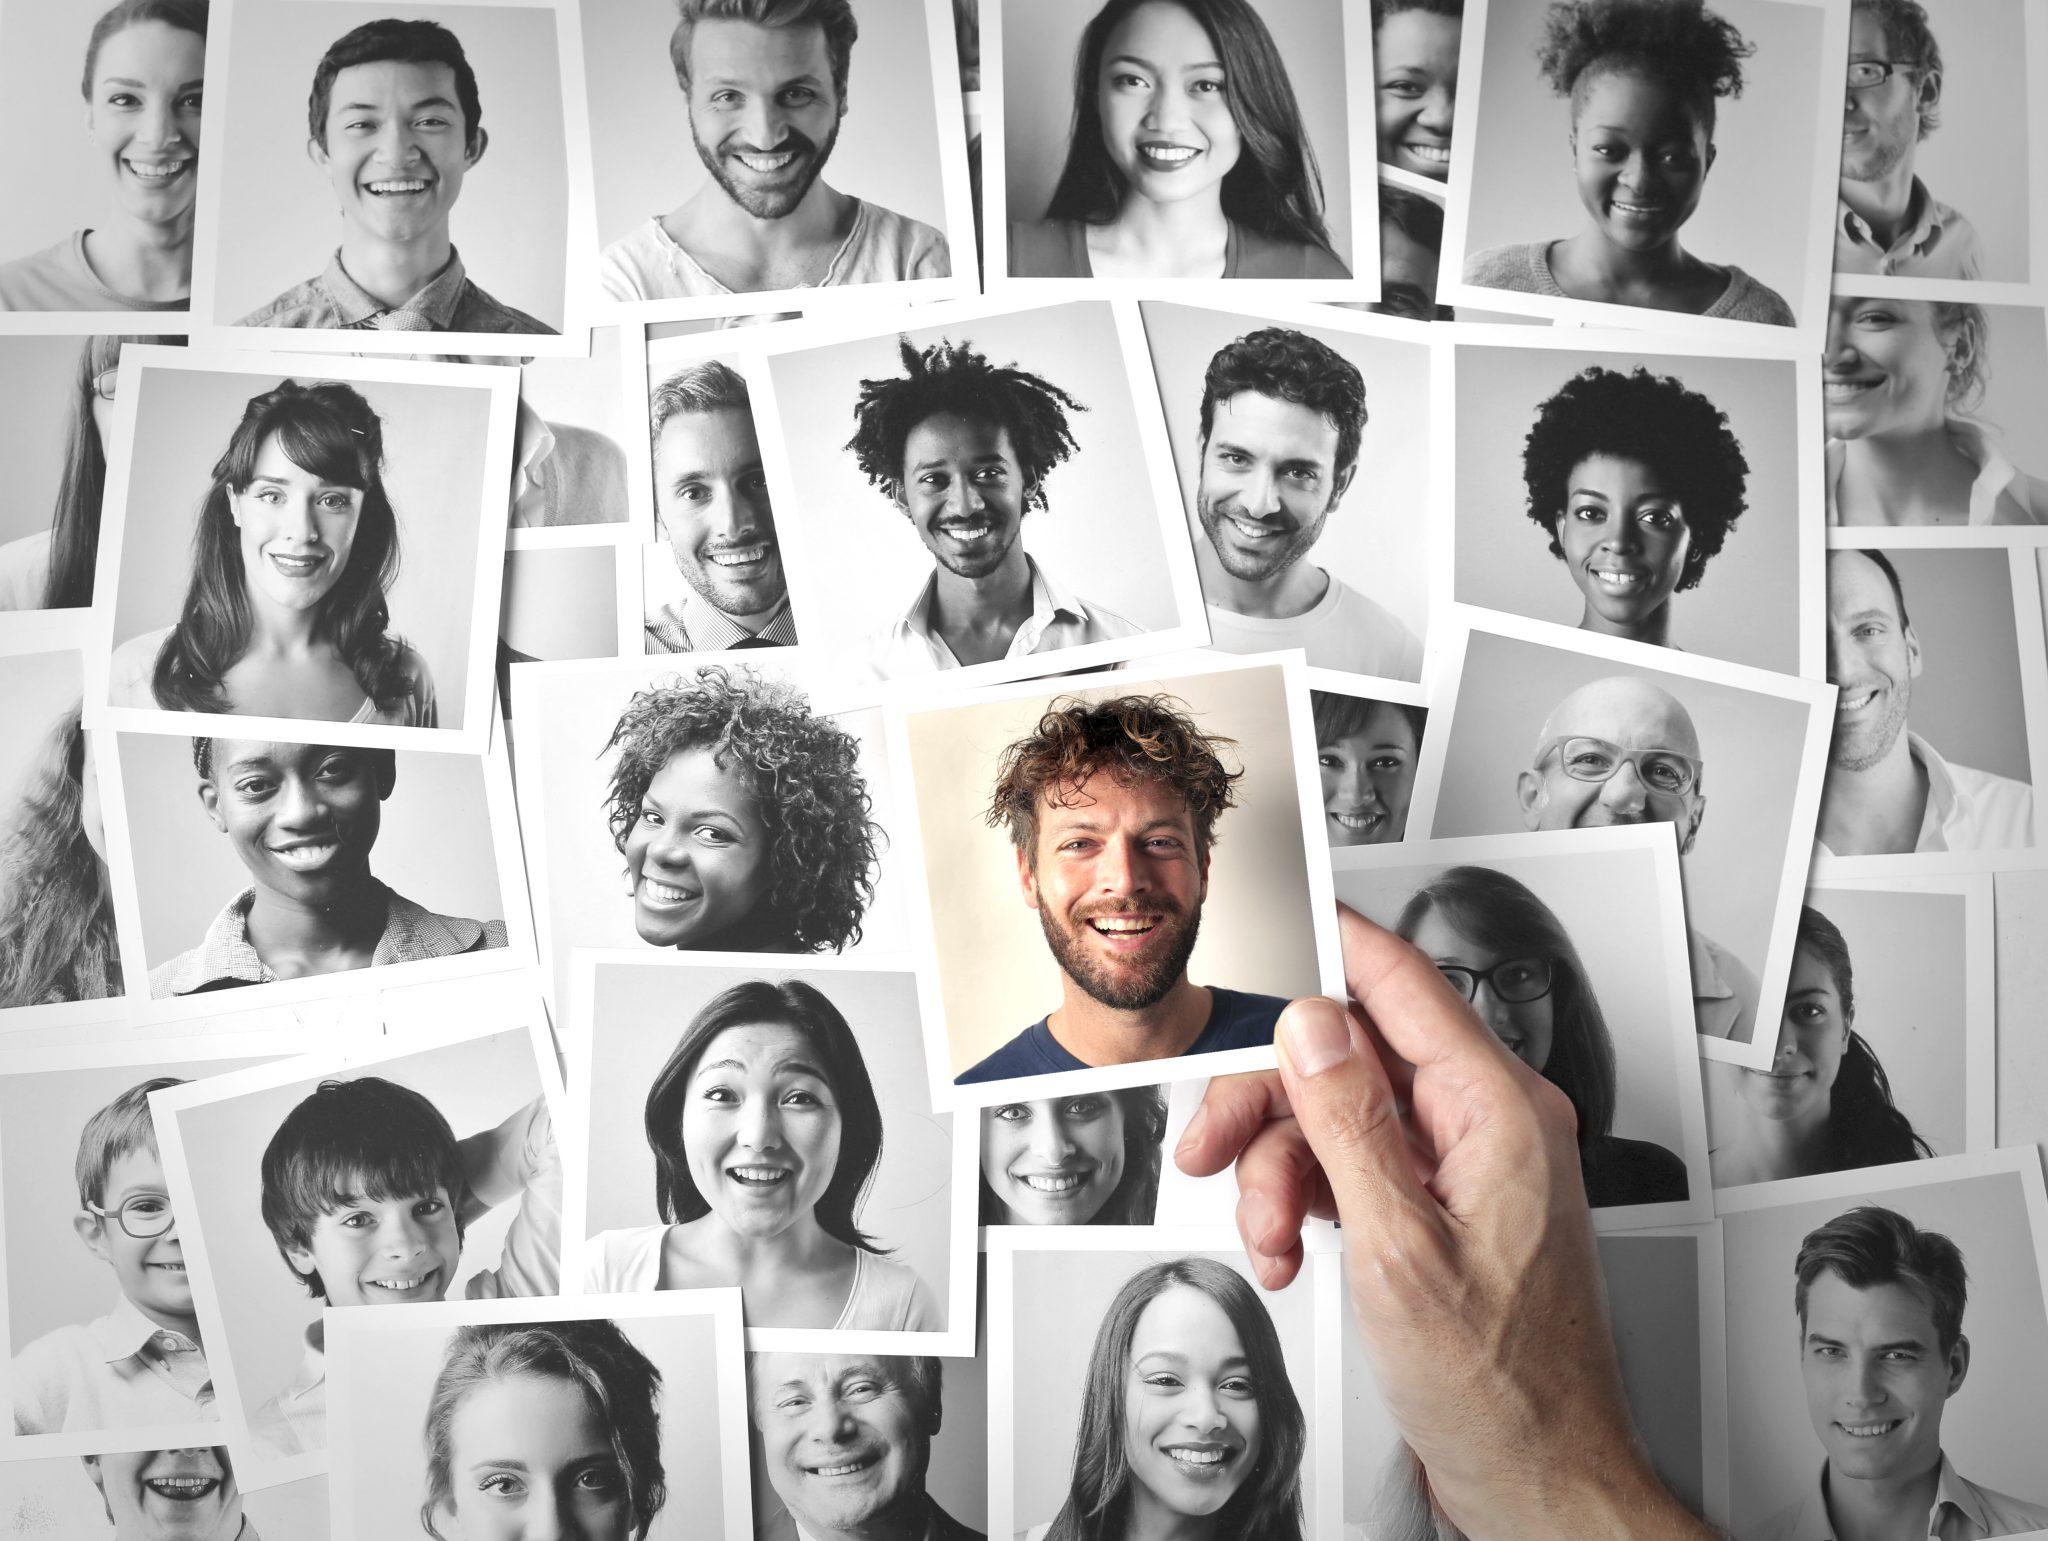 Symboldbild - Eine Hand wählt ein farbiges Foto aus einer Collage von Polaroidfotos verschiedener Menschen in schwarz-weiß aus.